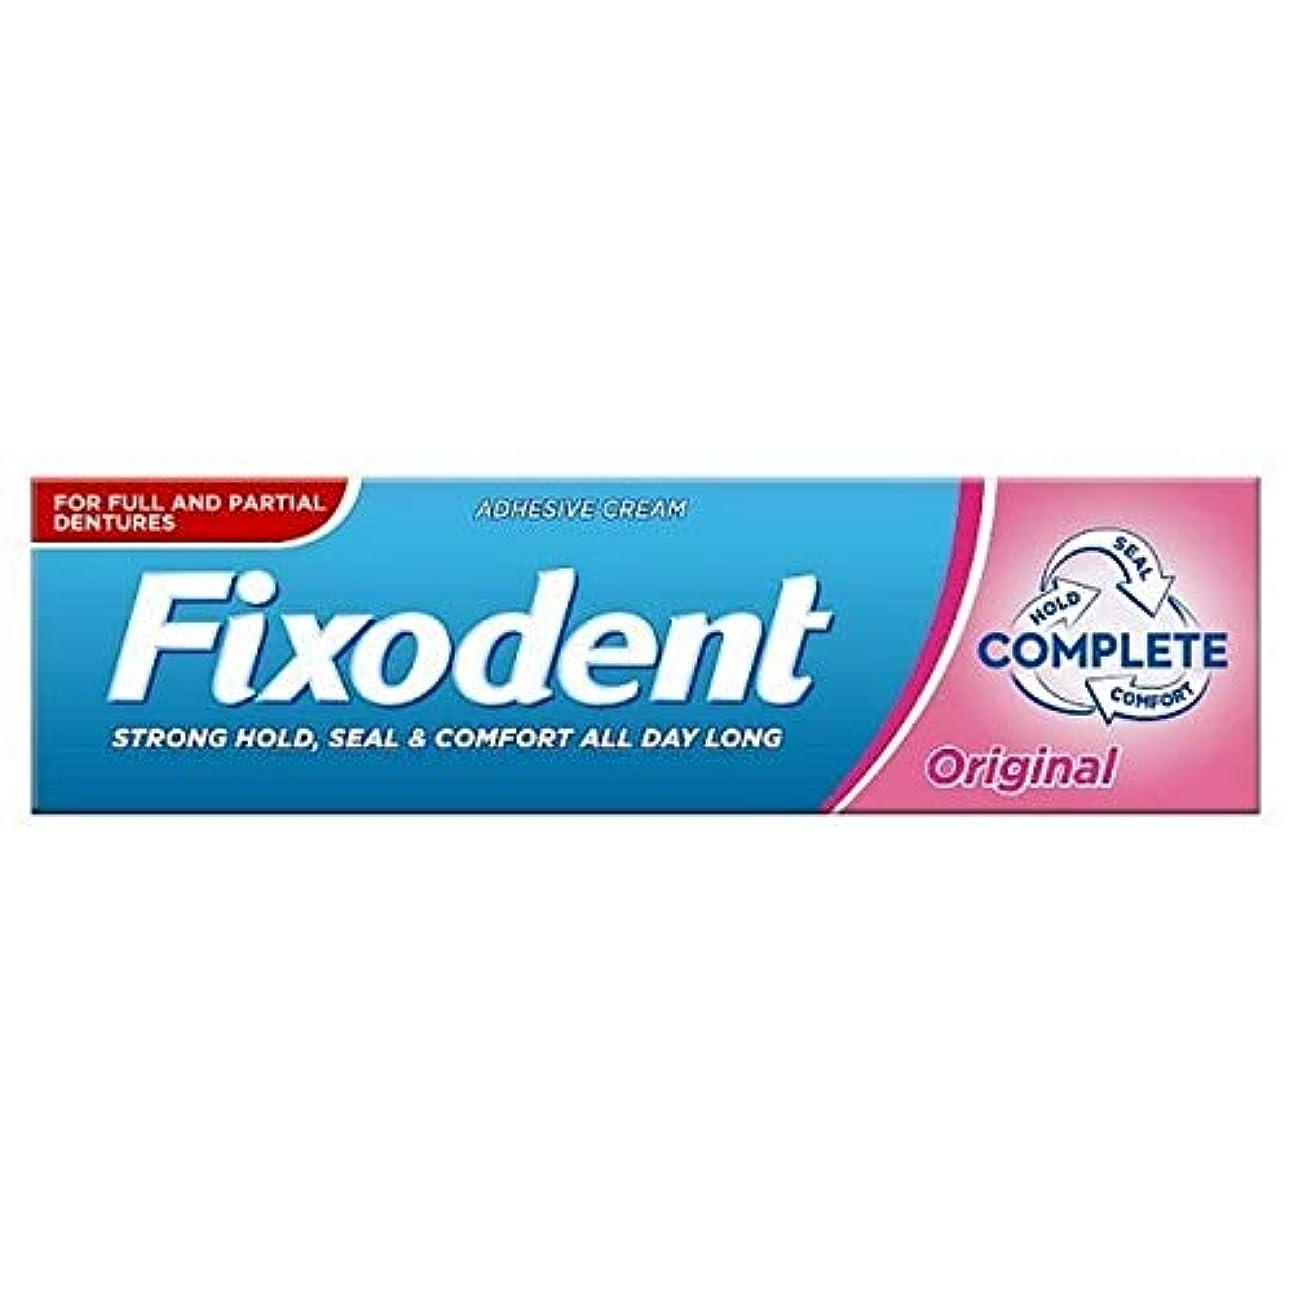 音節スムーズに定説[Fixodent] Fixodent元義歯接着剤47グラム - Fixodent Original Denture Adhesive 47g [並行輸入品]